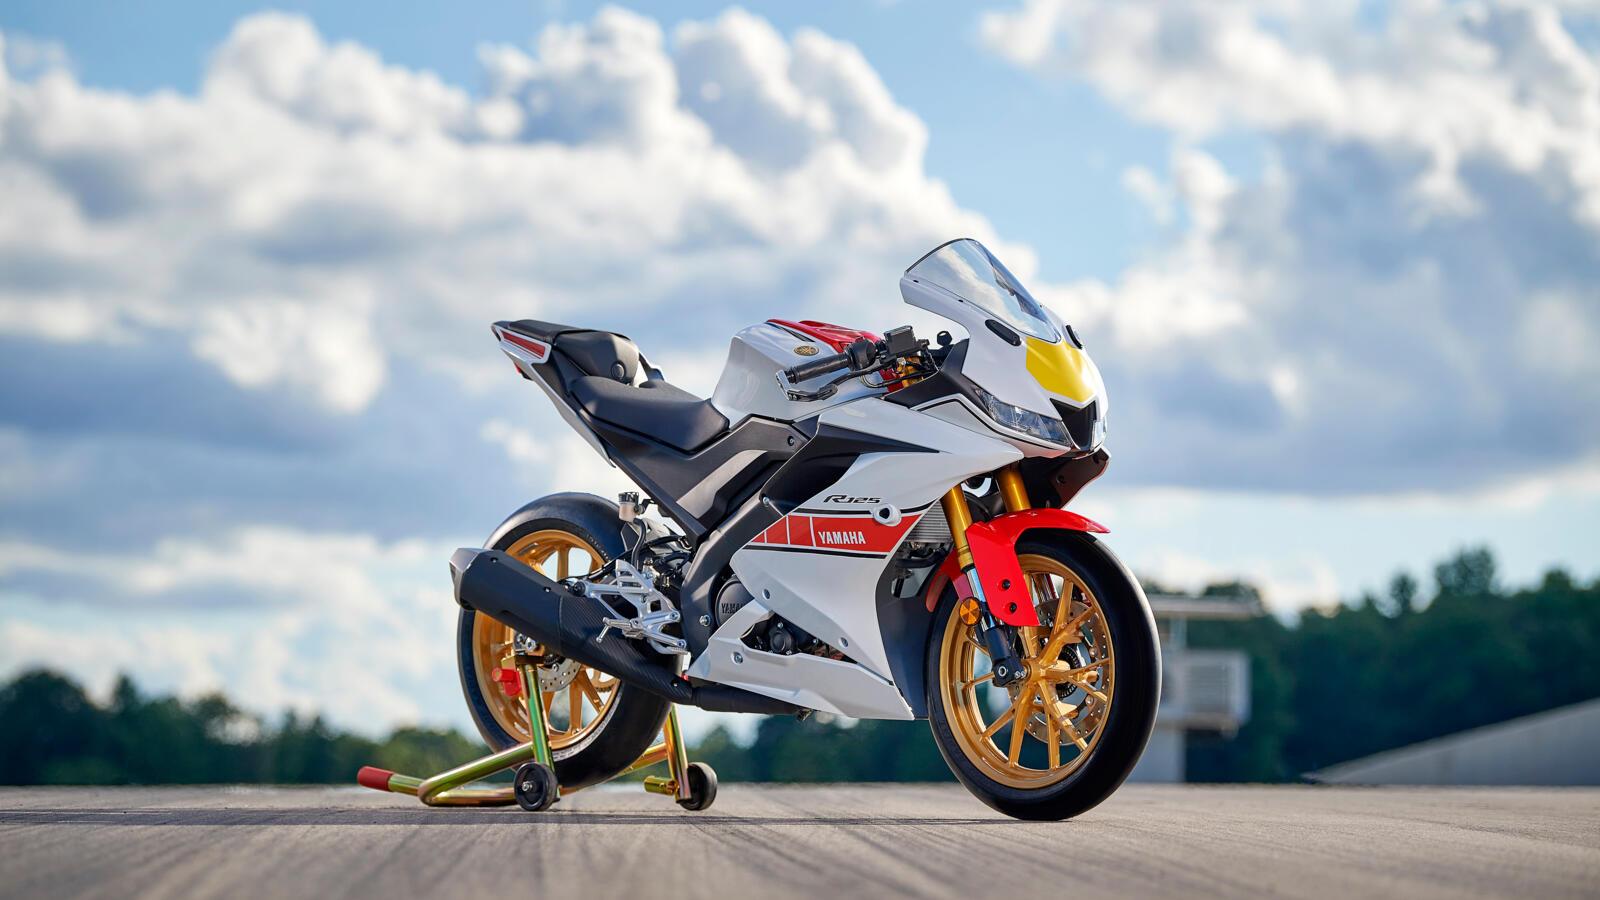 Das World GP 60th Anniversary Design steht auch der Yamaha YZF R125